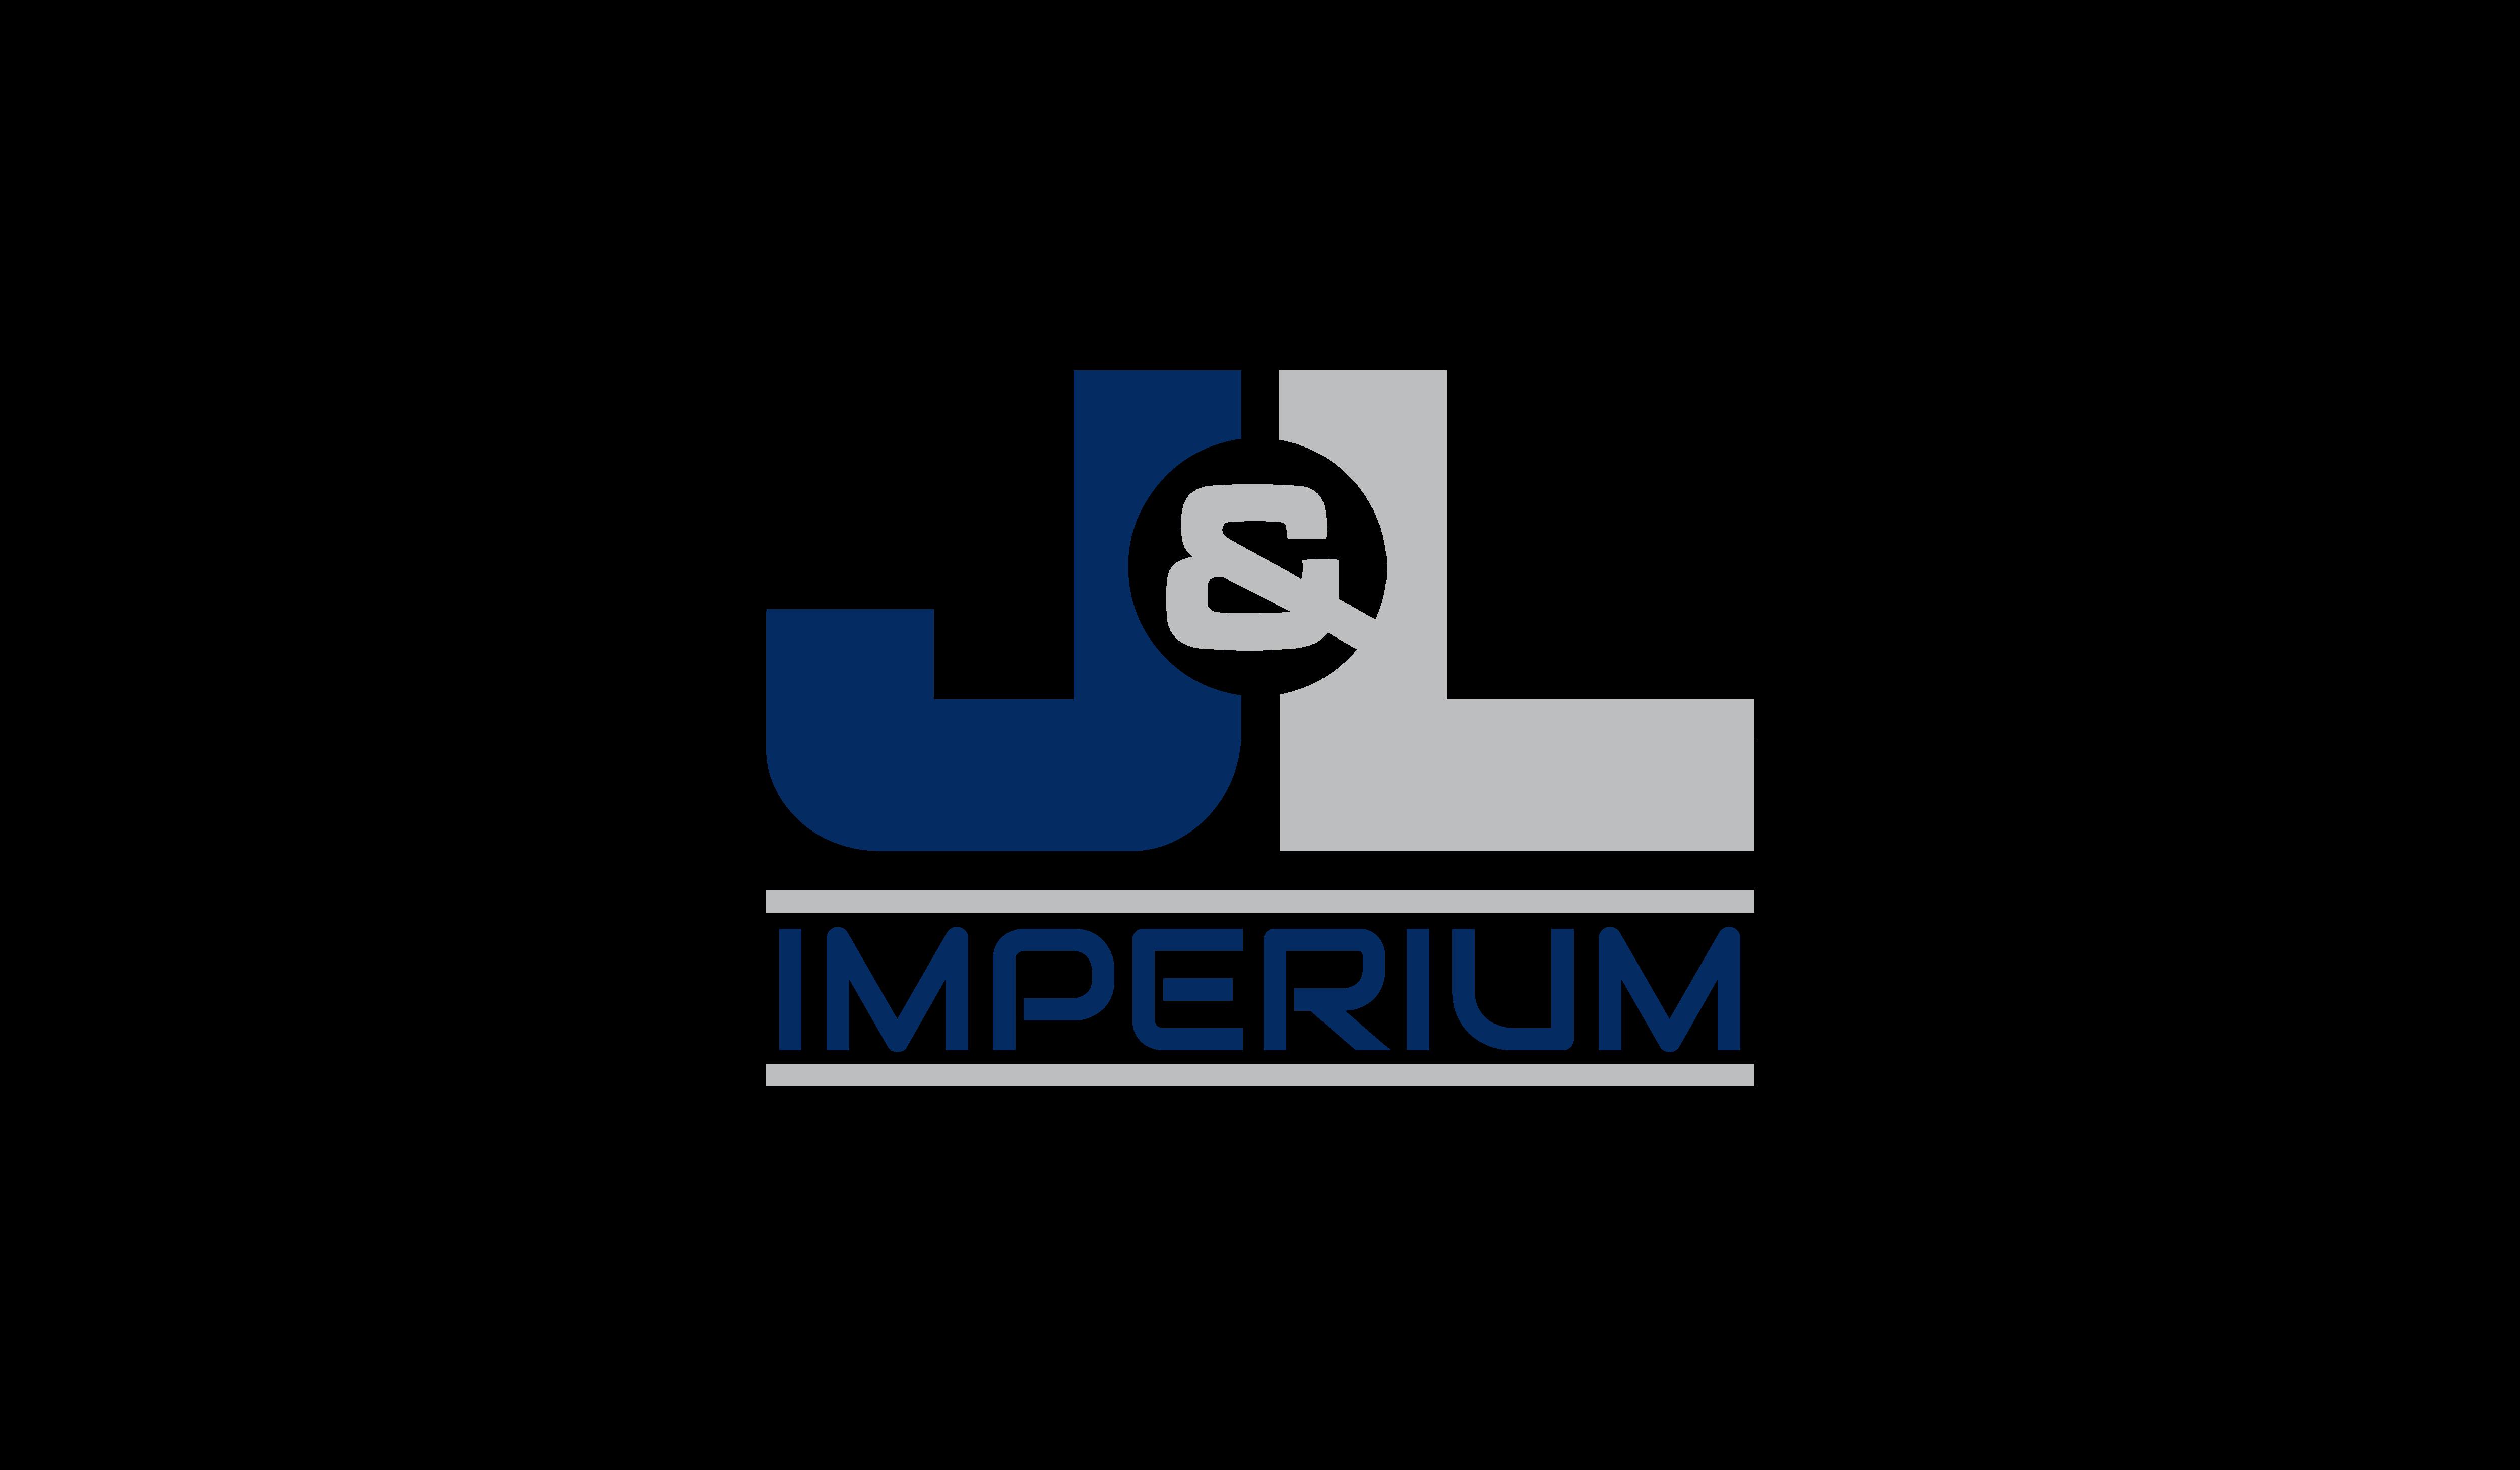 JL Imperium